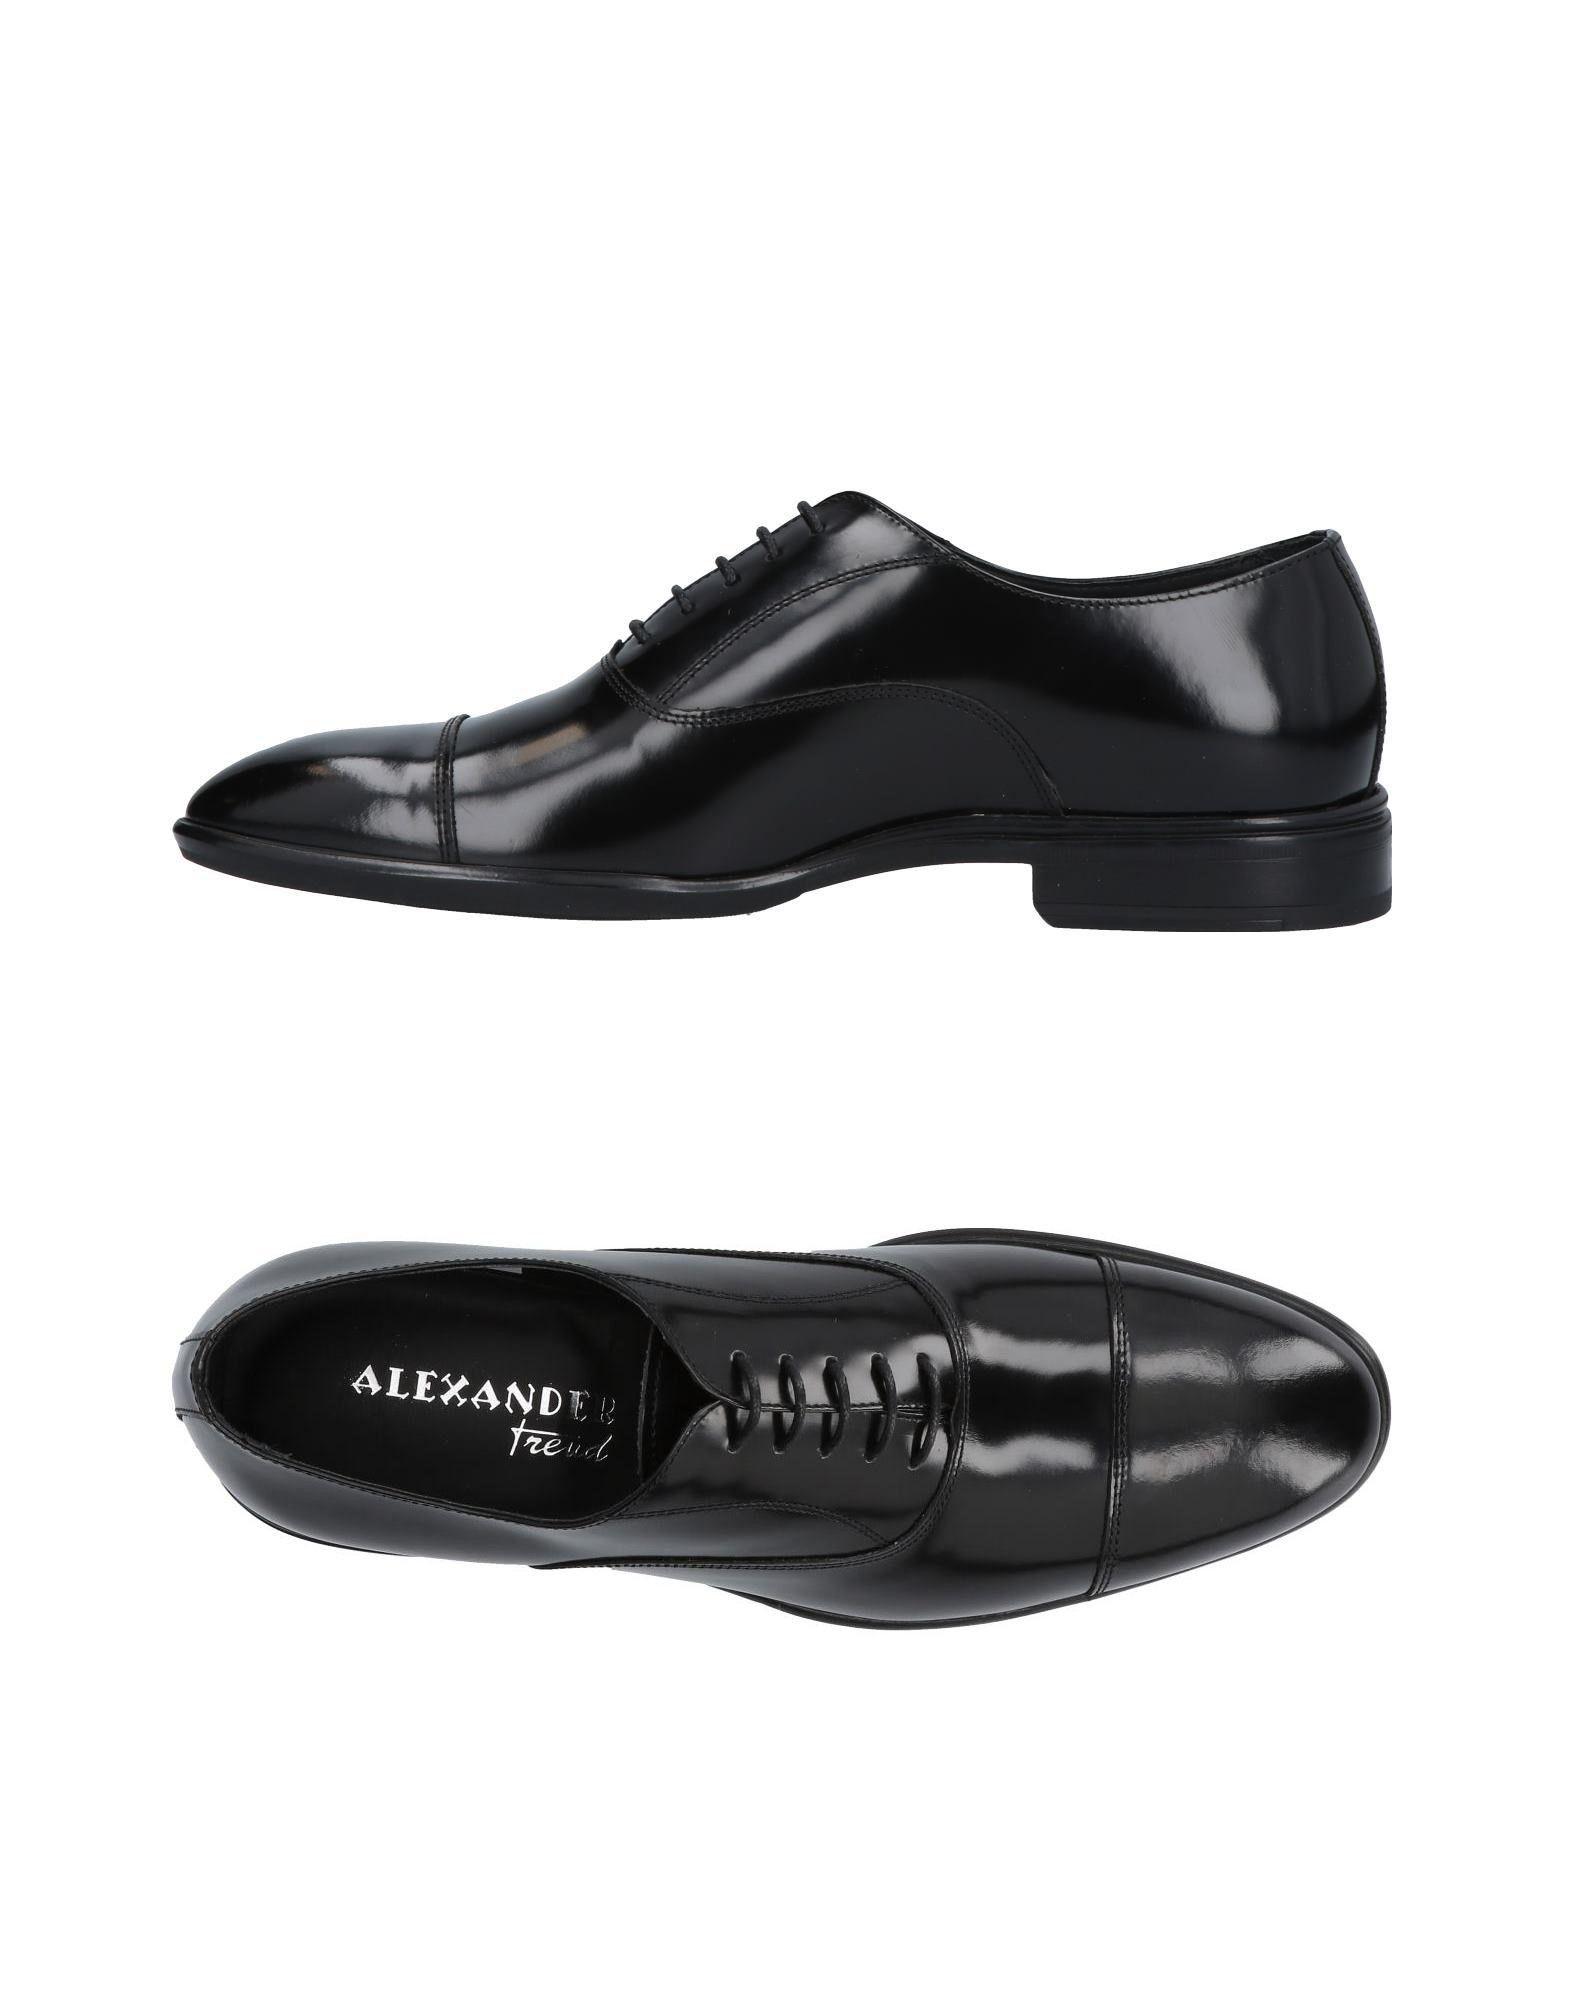 Alexander Trend Schnürschuhe Herren  11429264WP Neue Schuhe